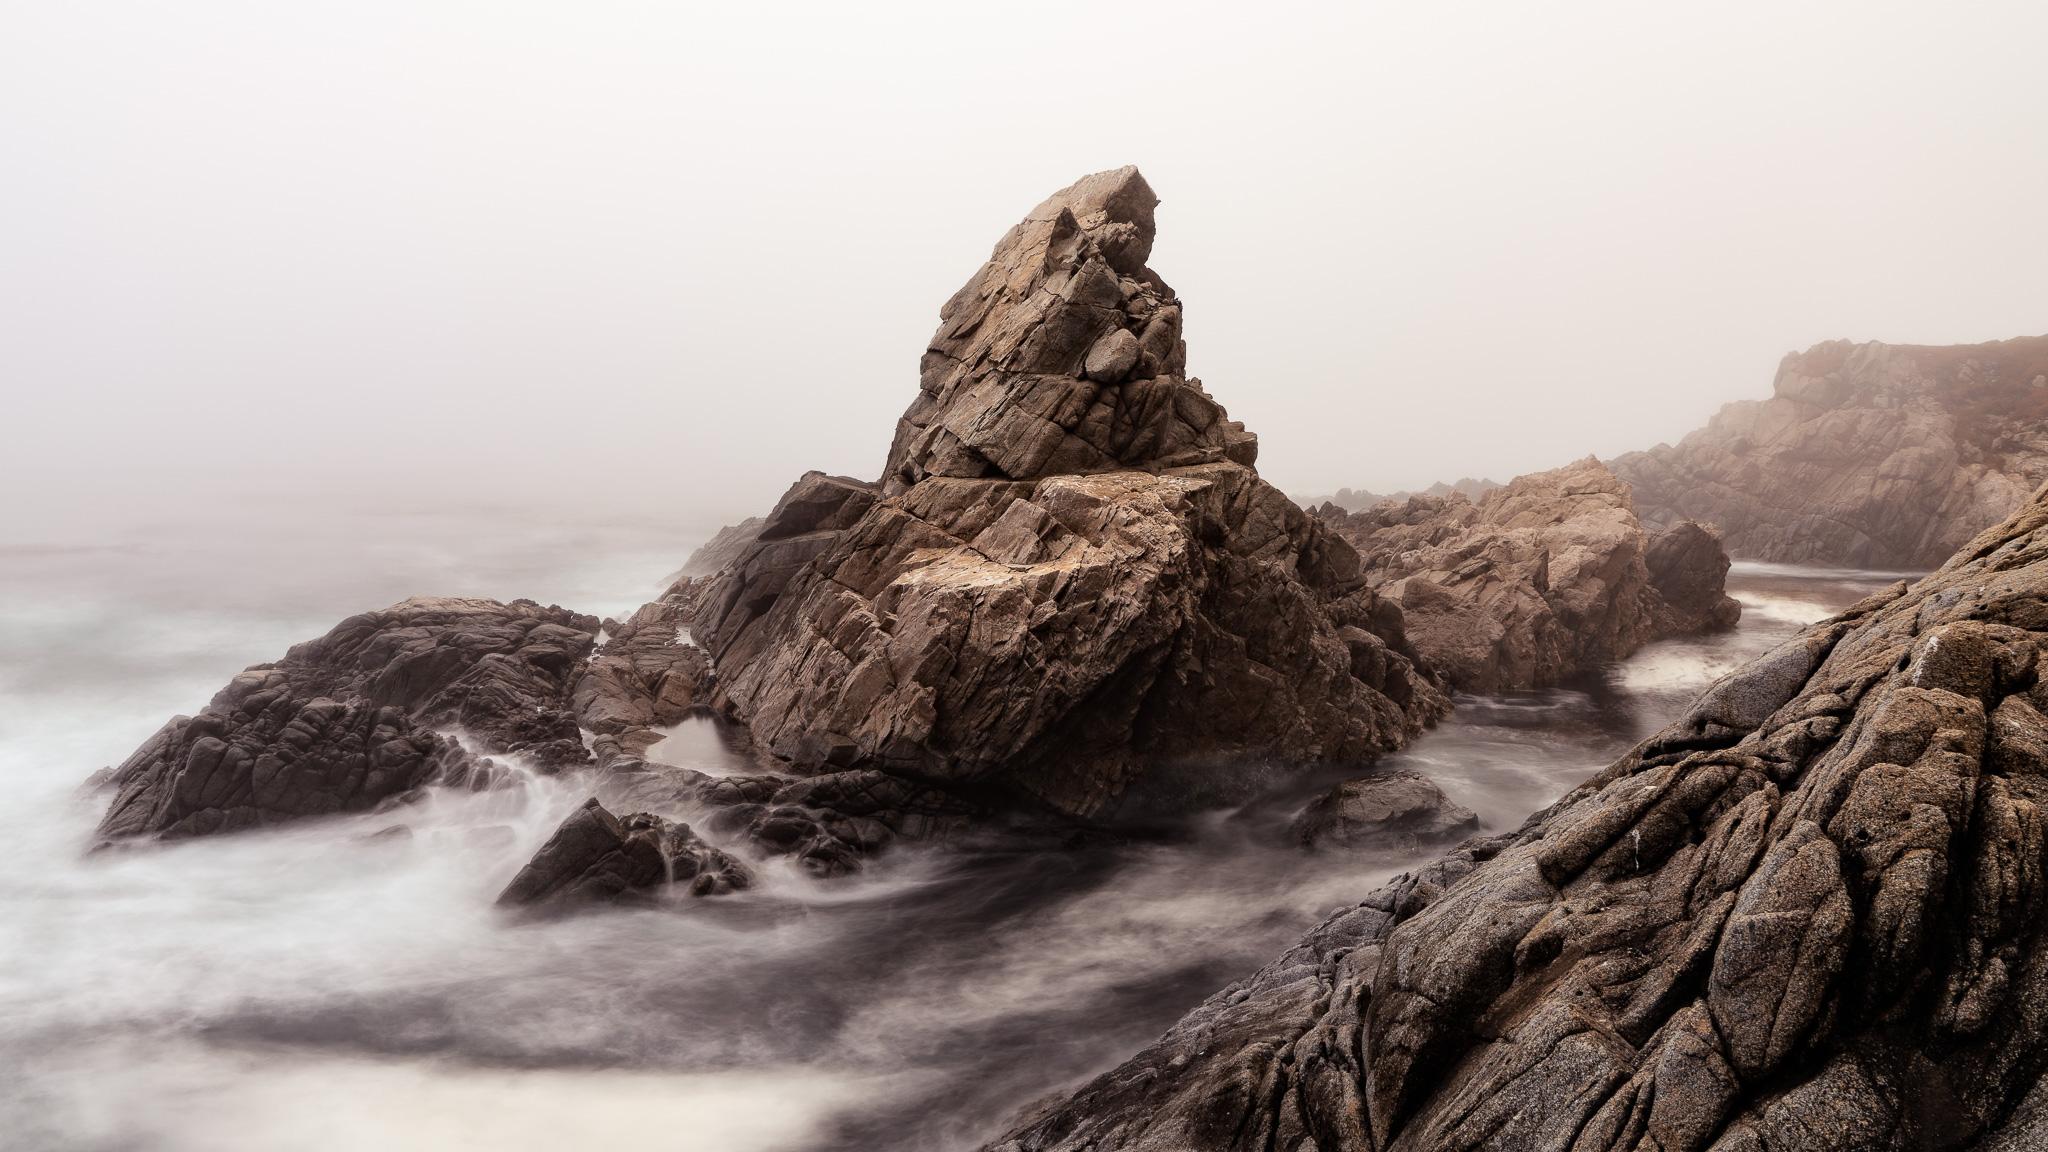 Matterhorn Rock, Big Sur